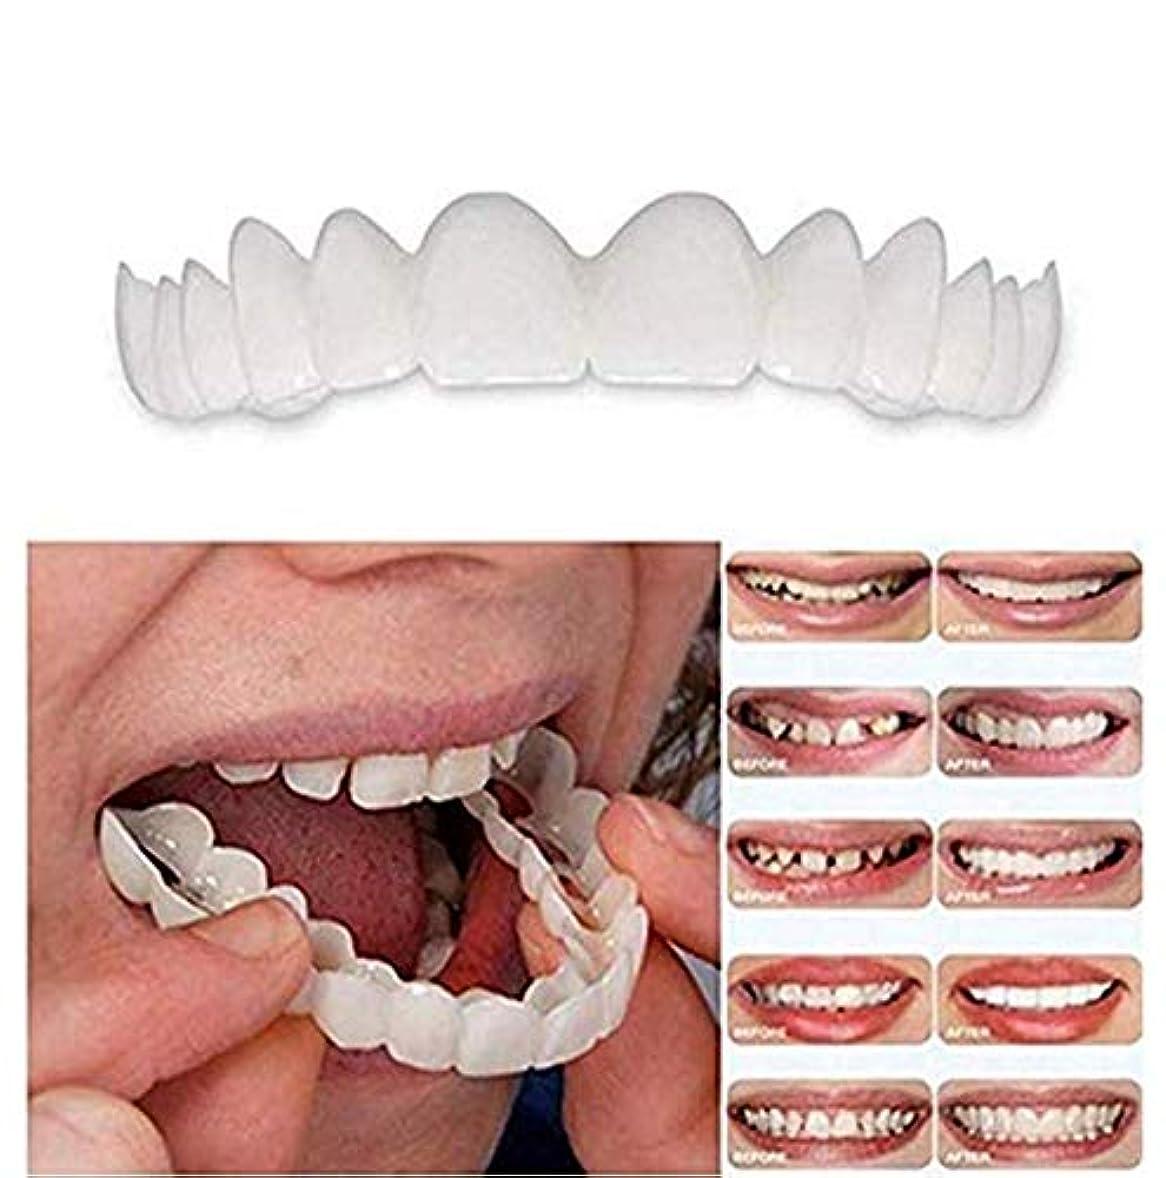 サスペンド公平な動詞2PCS /セット(上下上下の義歯インスタントスマイルコンフォートフィットフレックス化粧品歯のトップ化粧品突き板[エネルギークラスA]